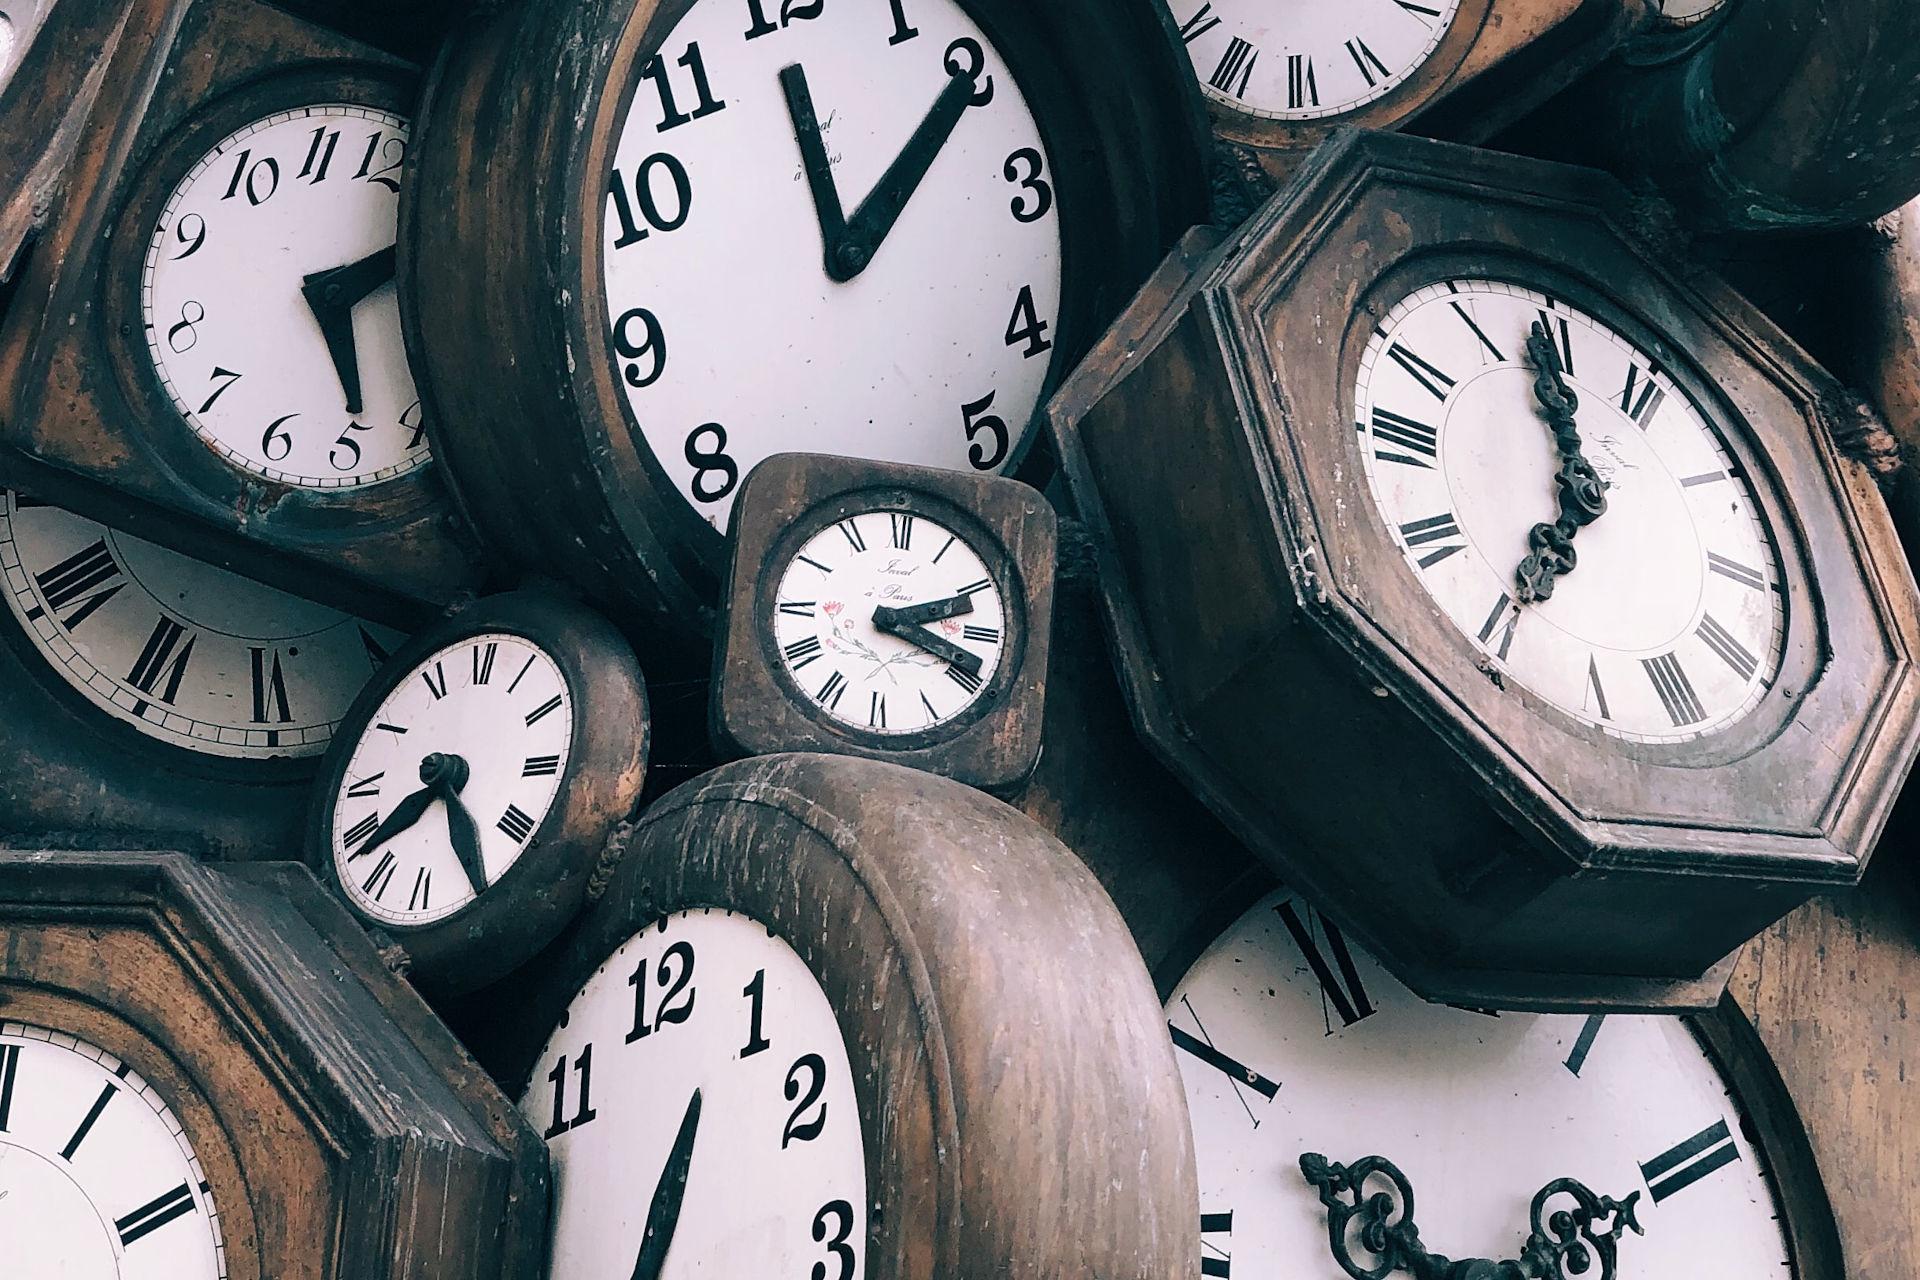 Time. Photo credit: Jon Tyson on Unsplash.